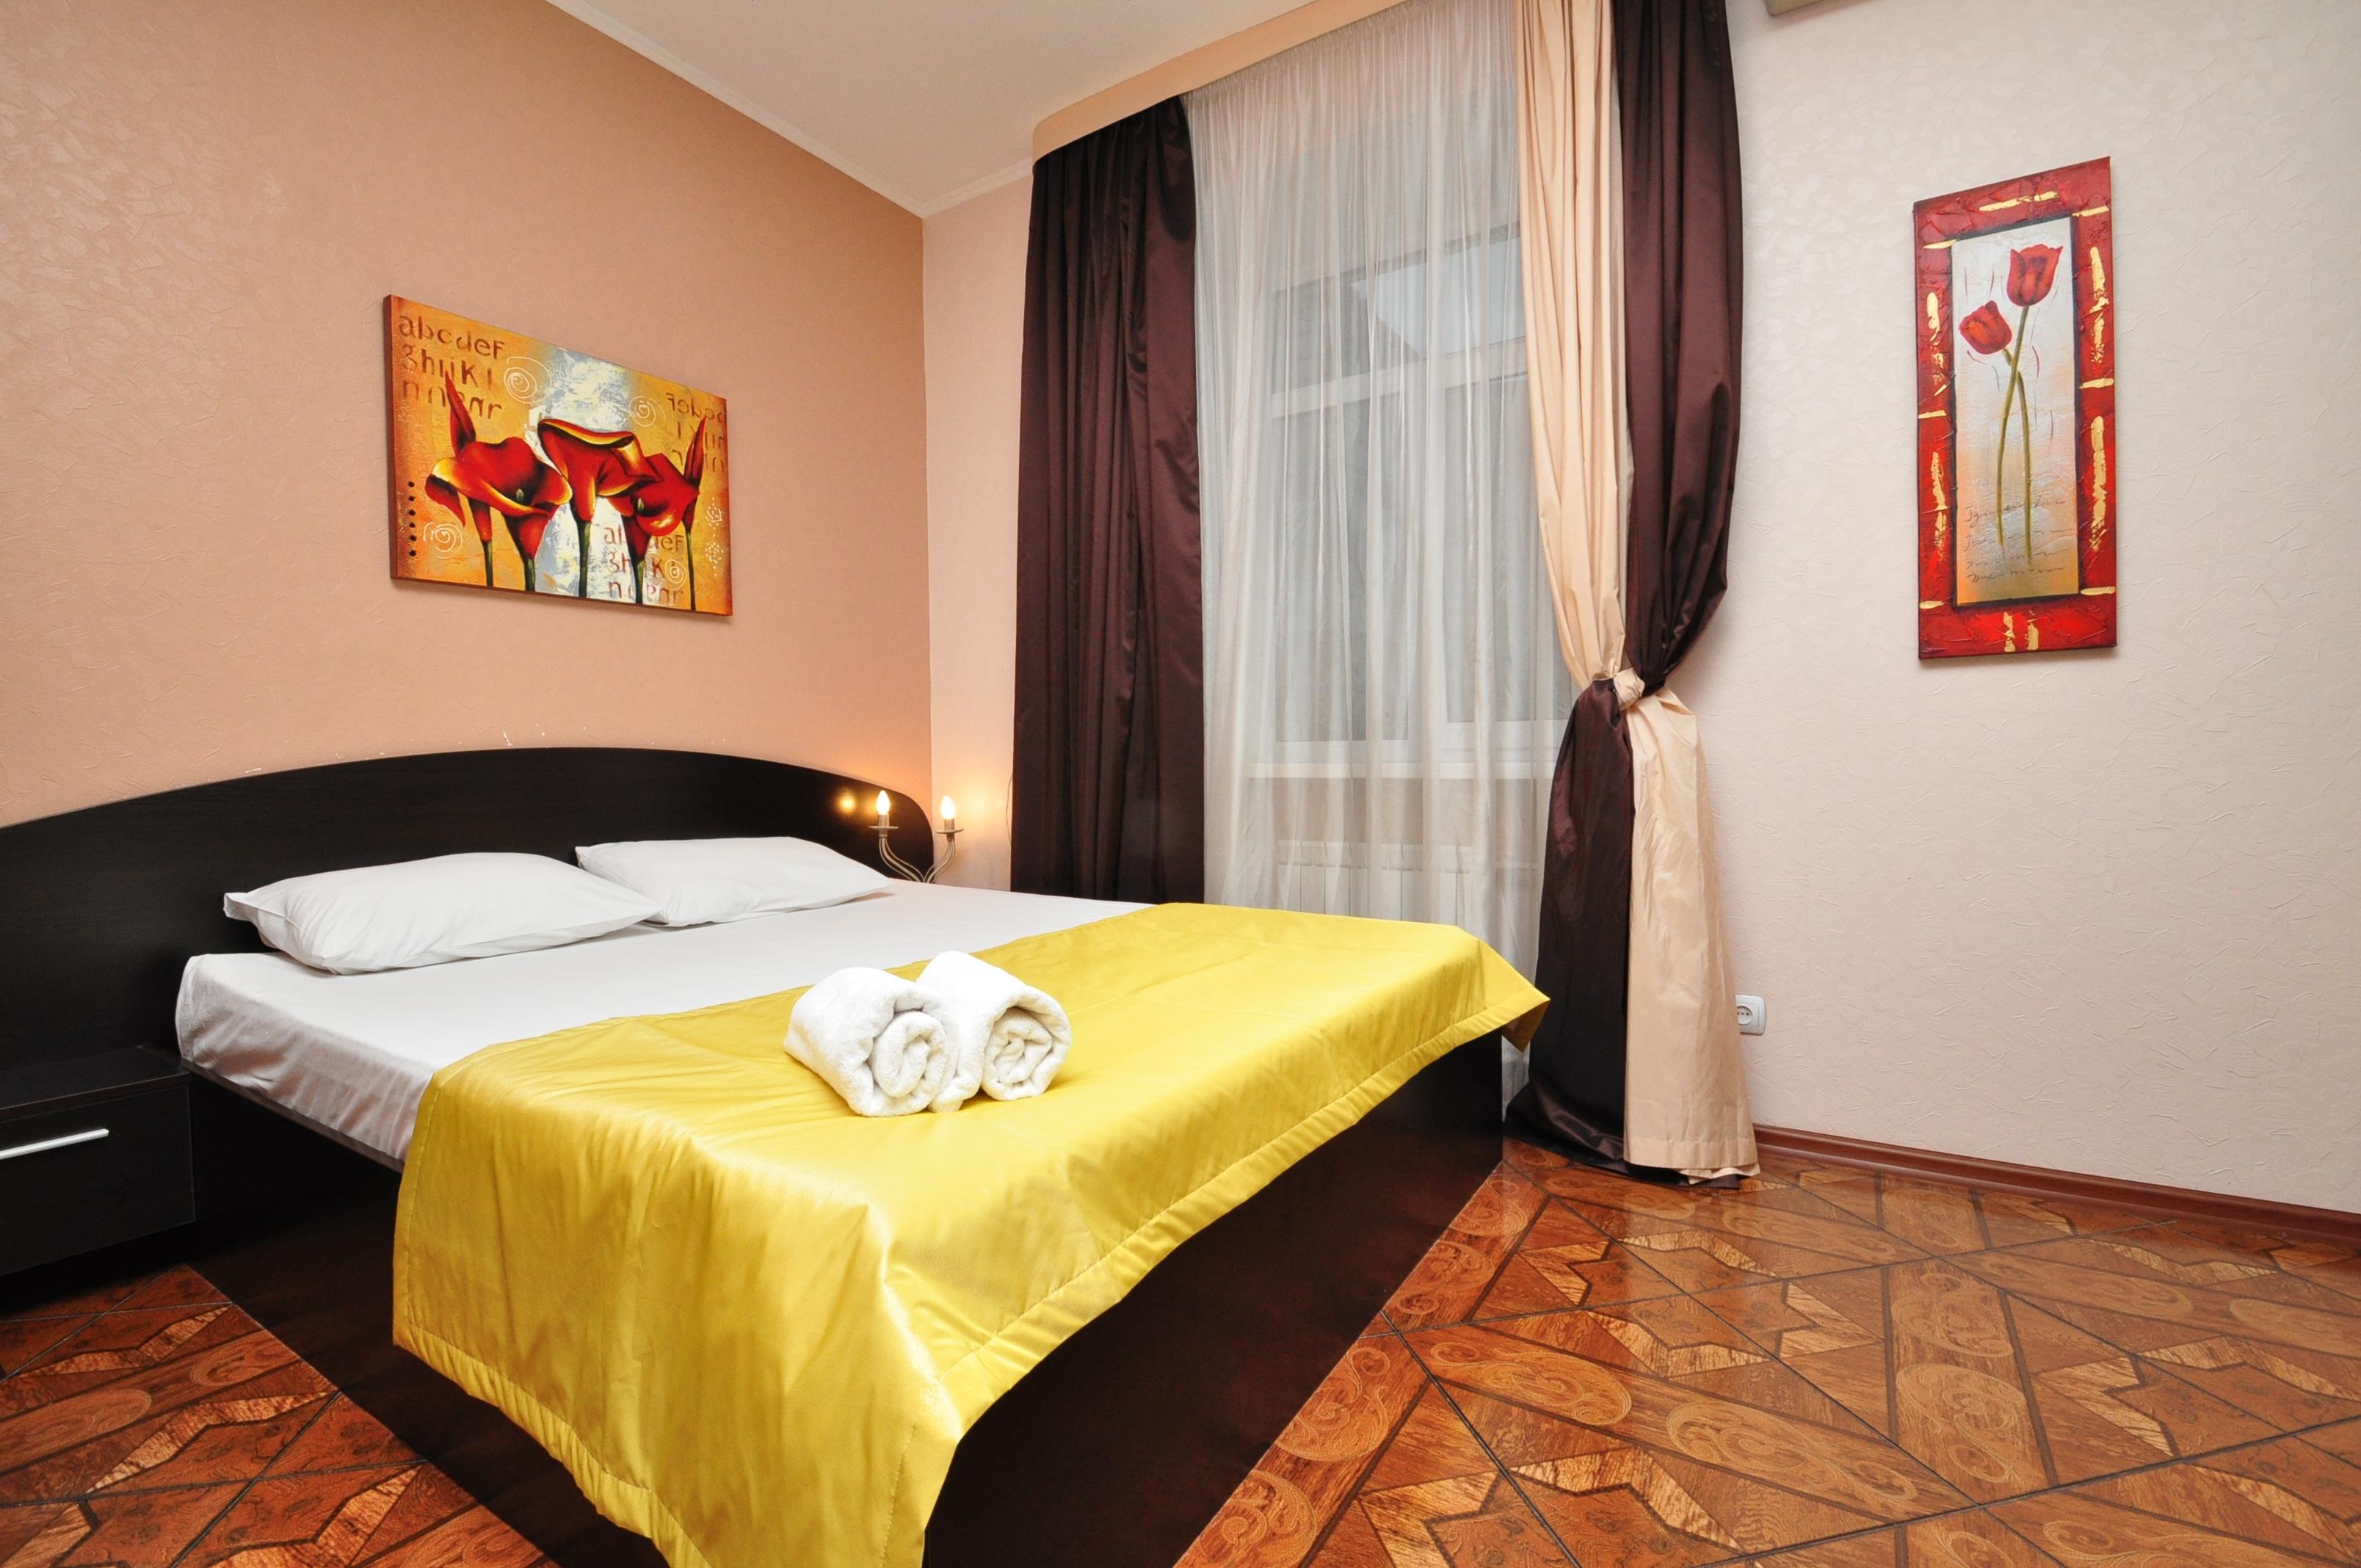 Сдача квартир с отличными условиями в Москве